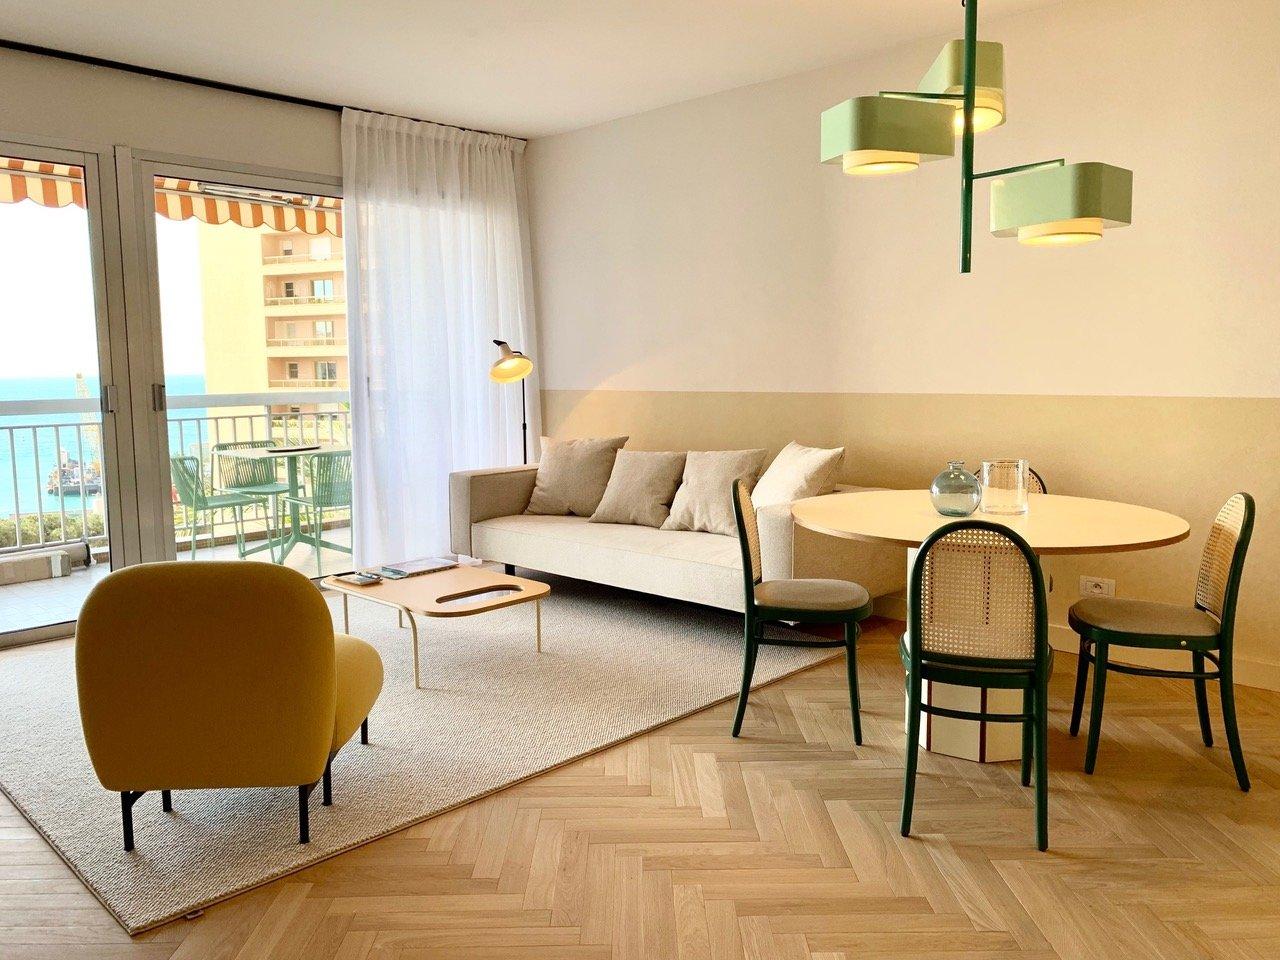 Le Casabianca - Drei Zimmer Wohnung